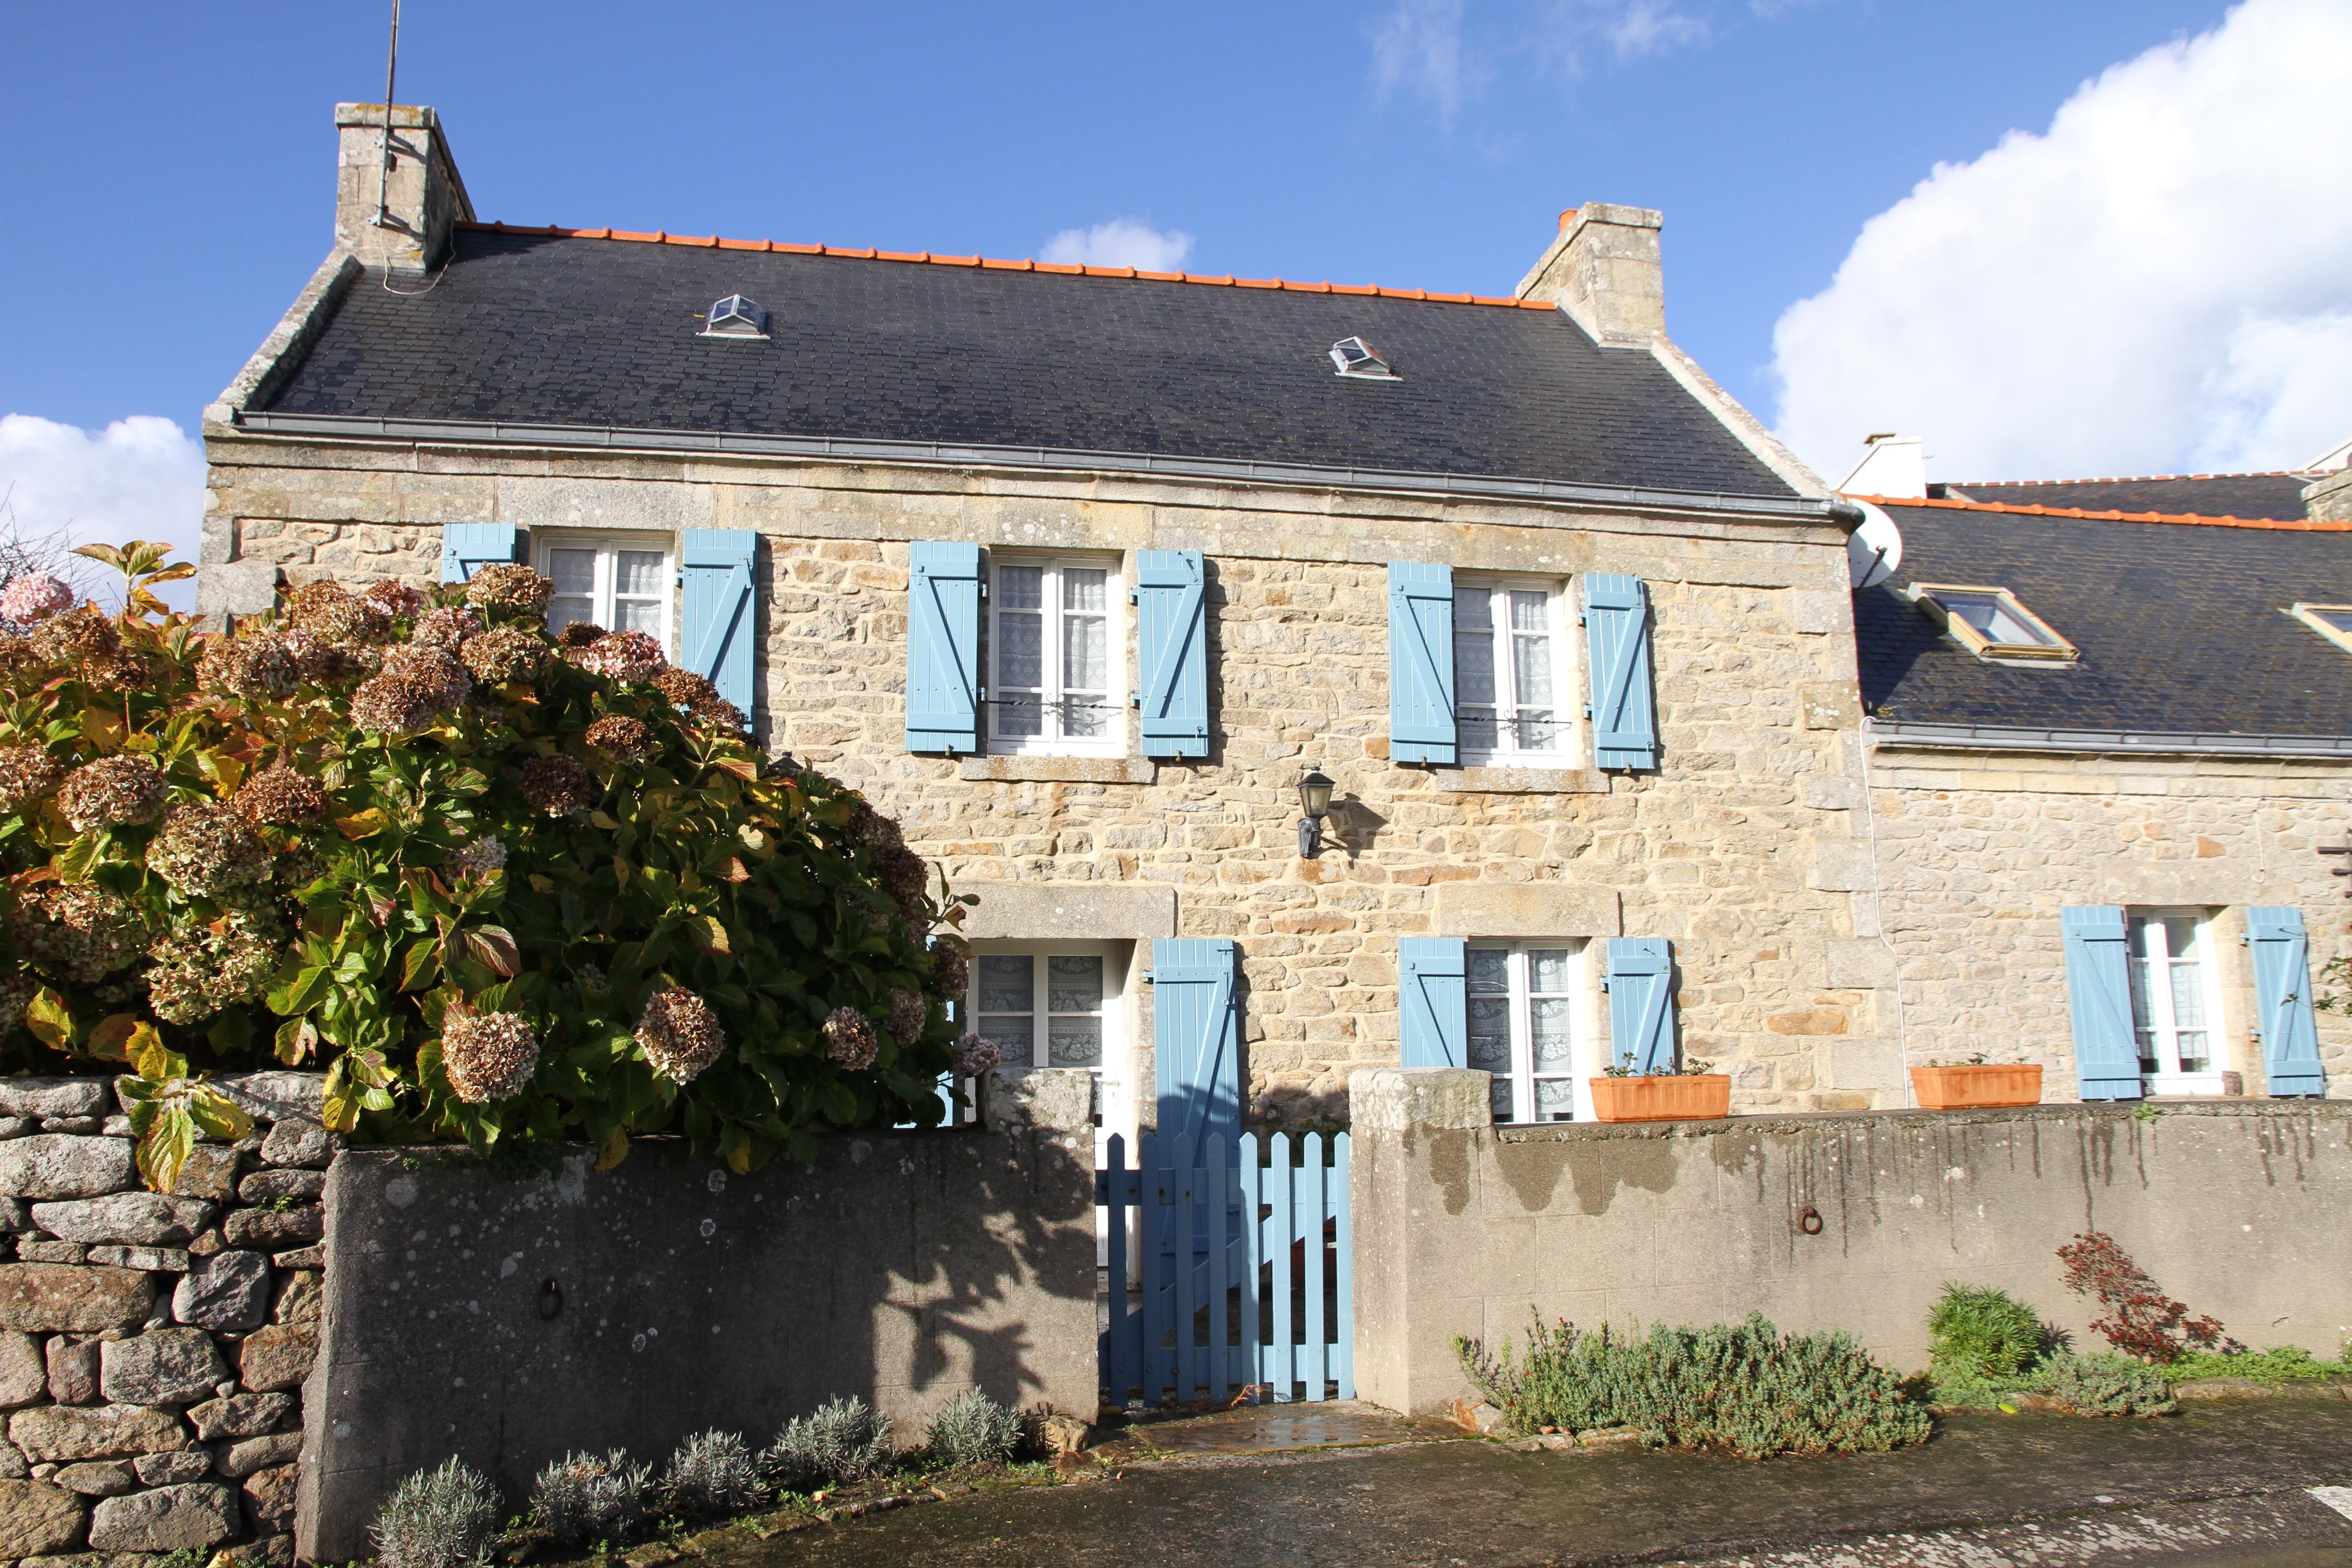 Bretagne, Gedicht, Haus, Architektur, Frankreich